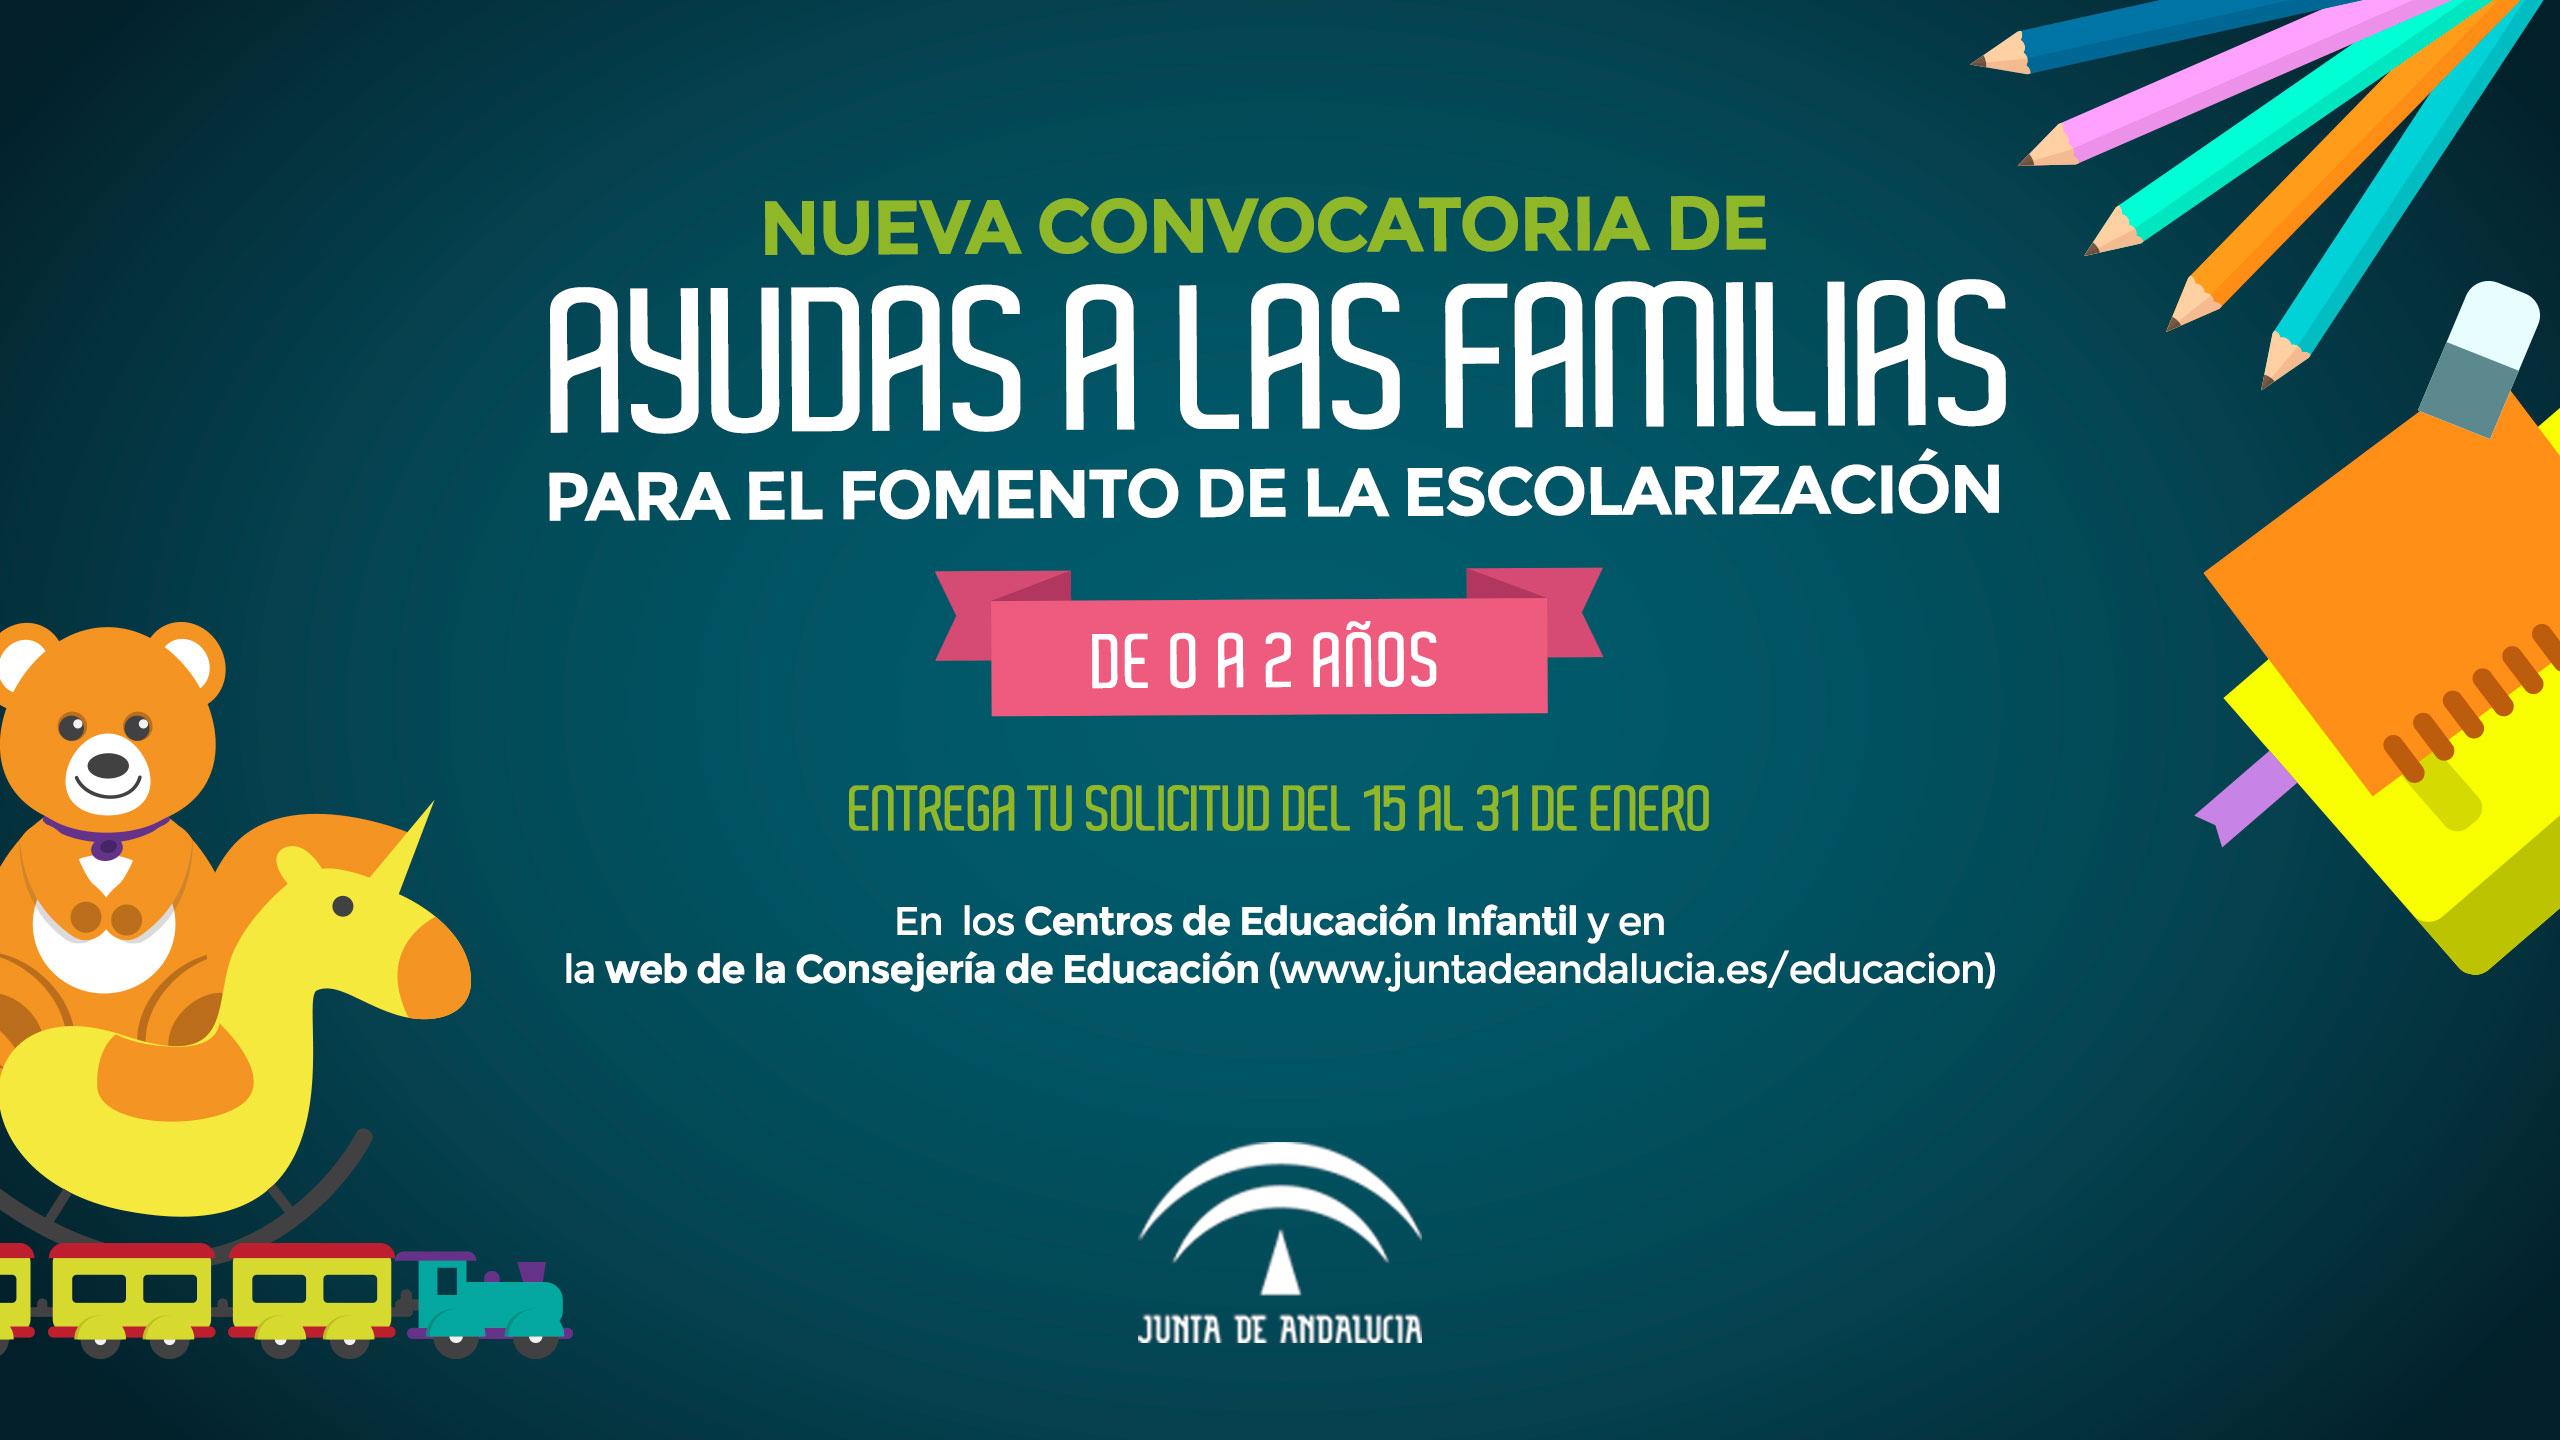 Convocatoria de ayudas a las familias para el fomento de la escolarización